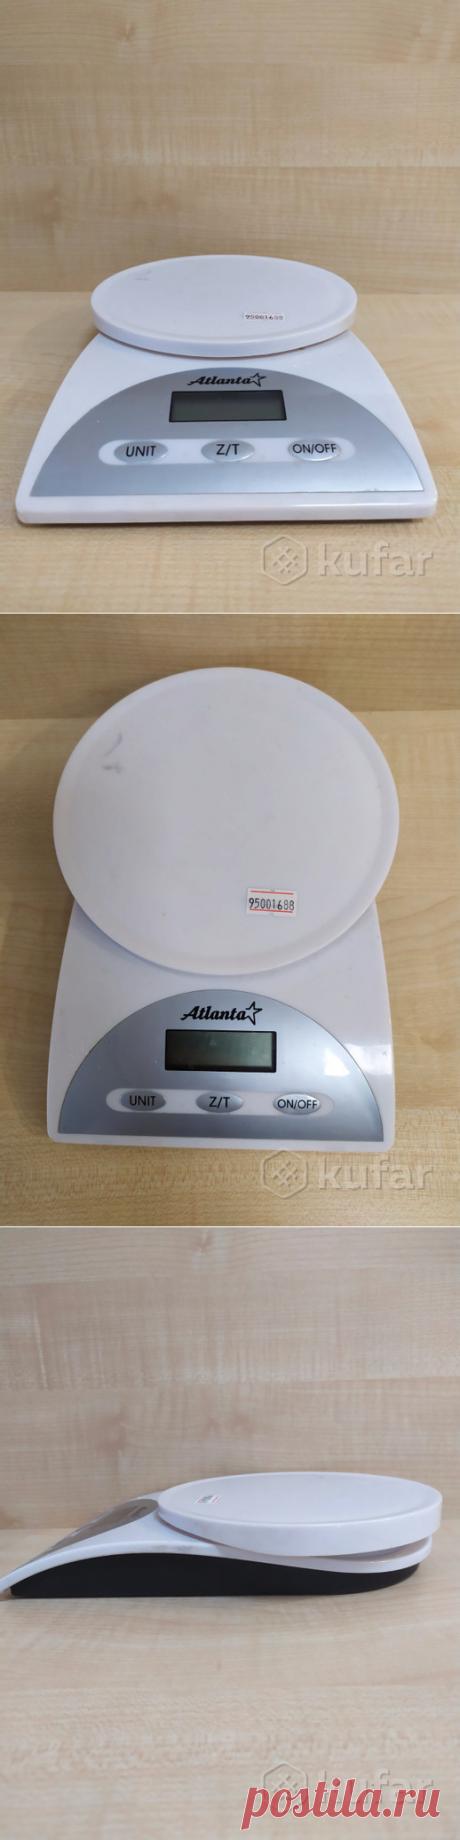 Кухонные весы Atlanta ATH-814